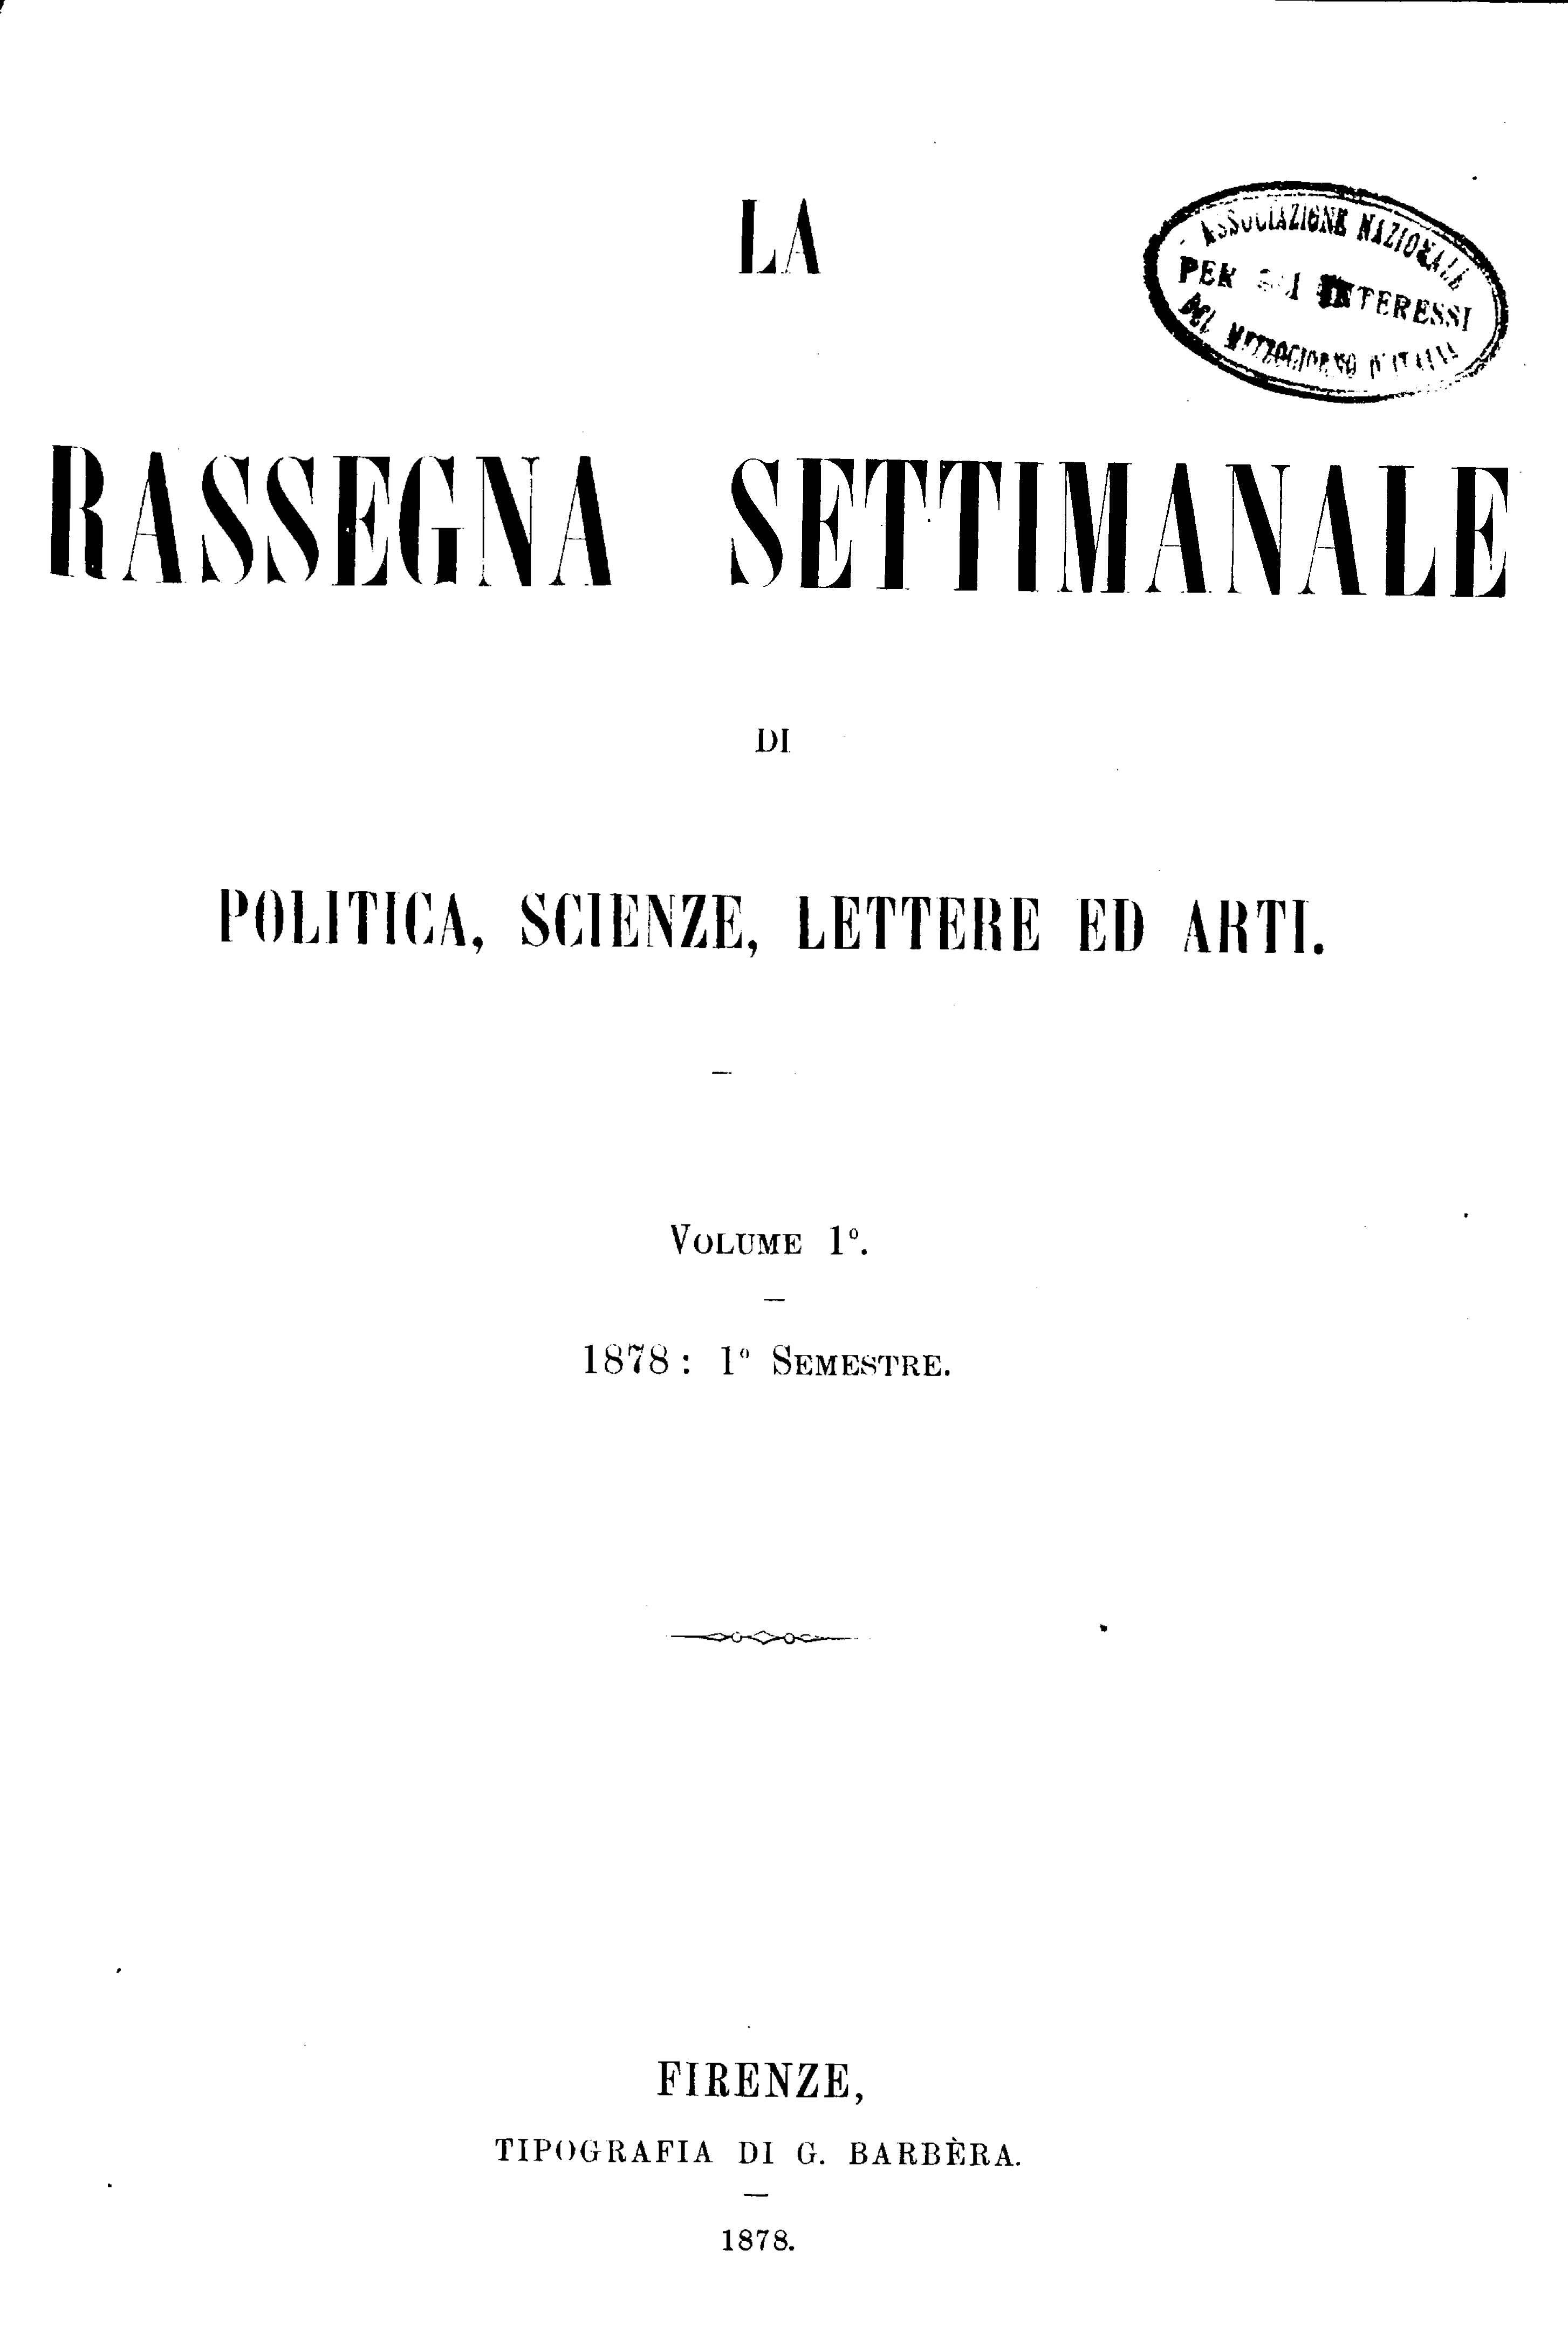 Fascicolo 11 - Volume 1 - 1878 - Semestre 1 - Trimestre 1